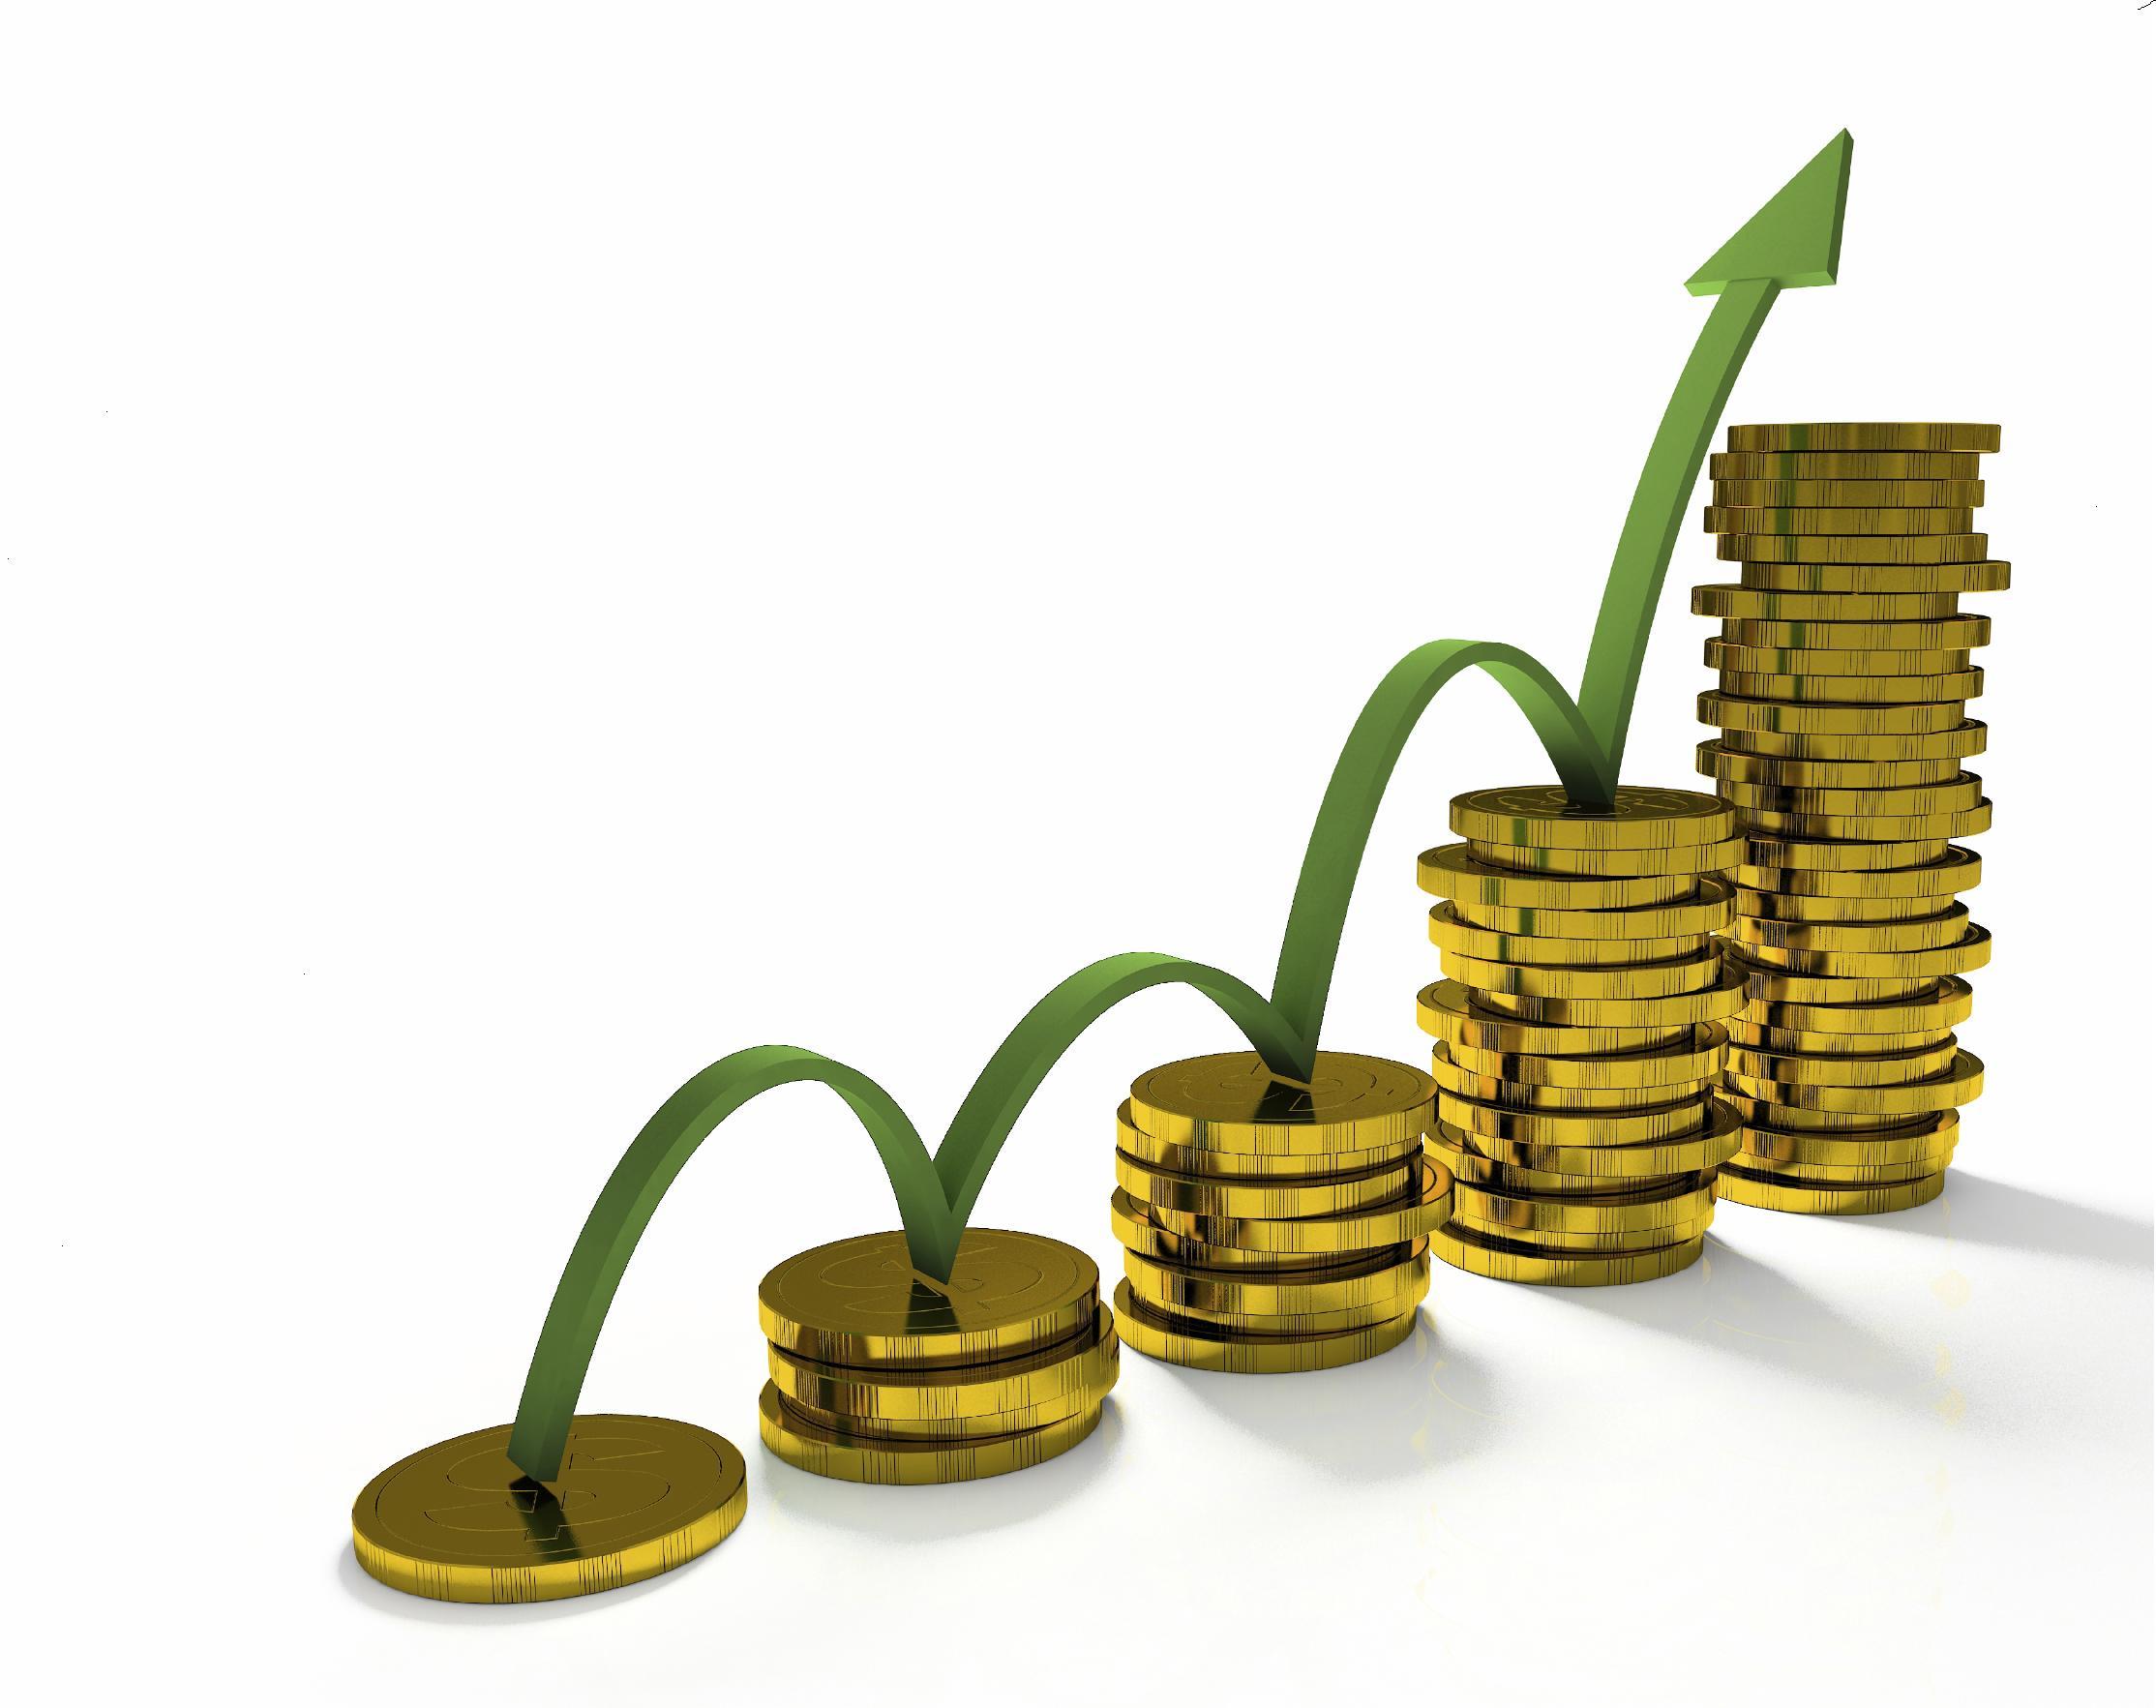 Srovnání půjček vám pomůže zorientovat se v dostupných možnostech